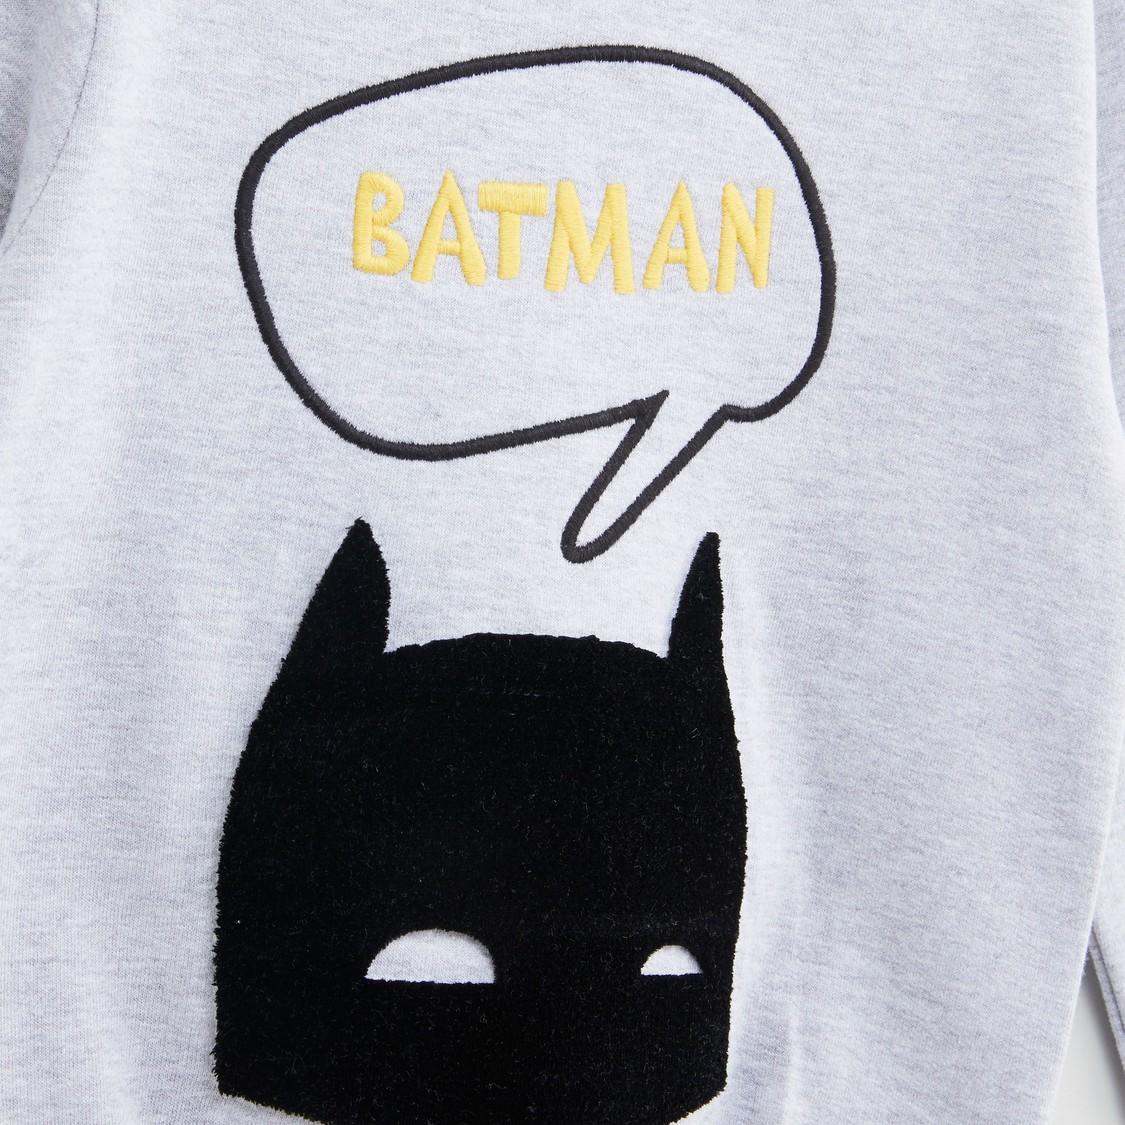 سويت شيرت بياقة مستديرة وأكمام طويلة وتطريزات باتمان